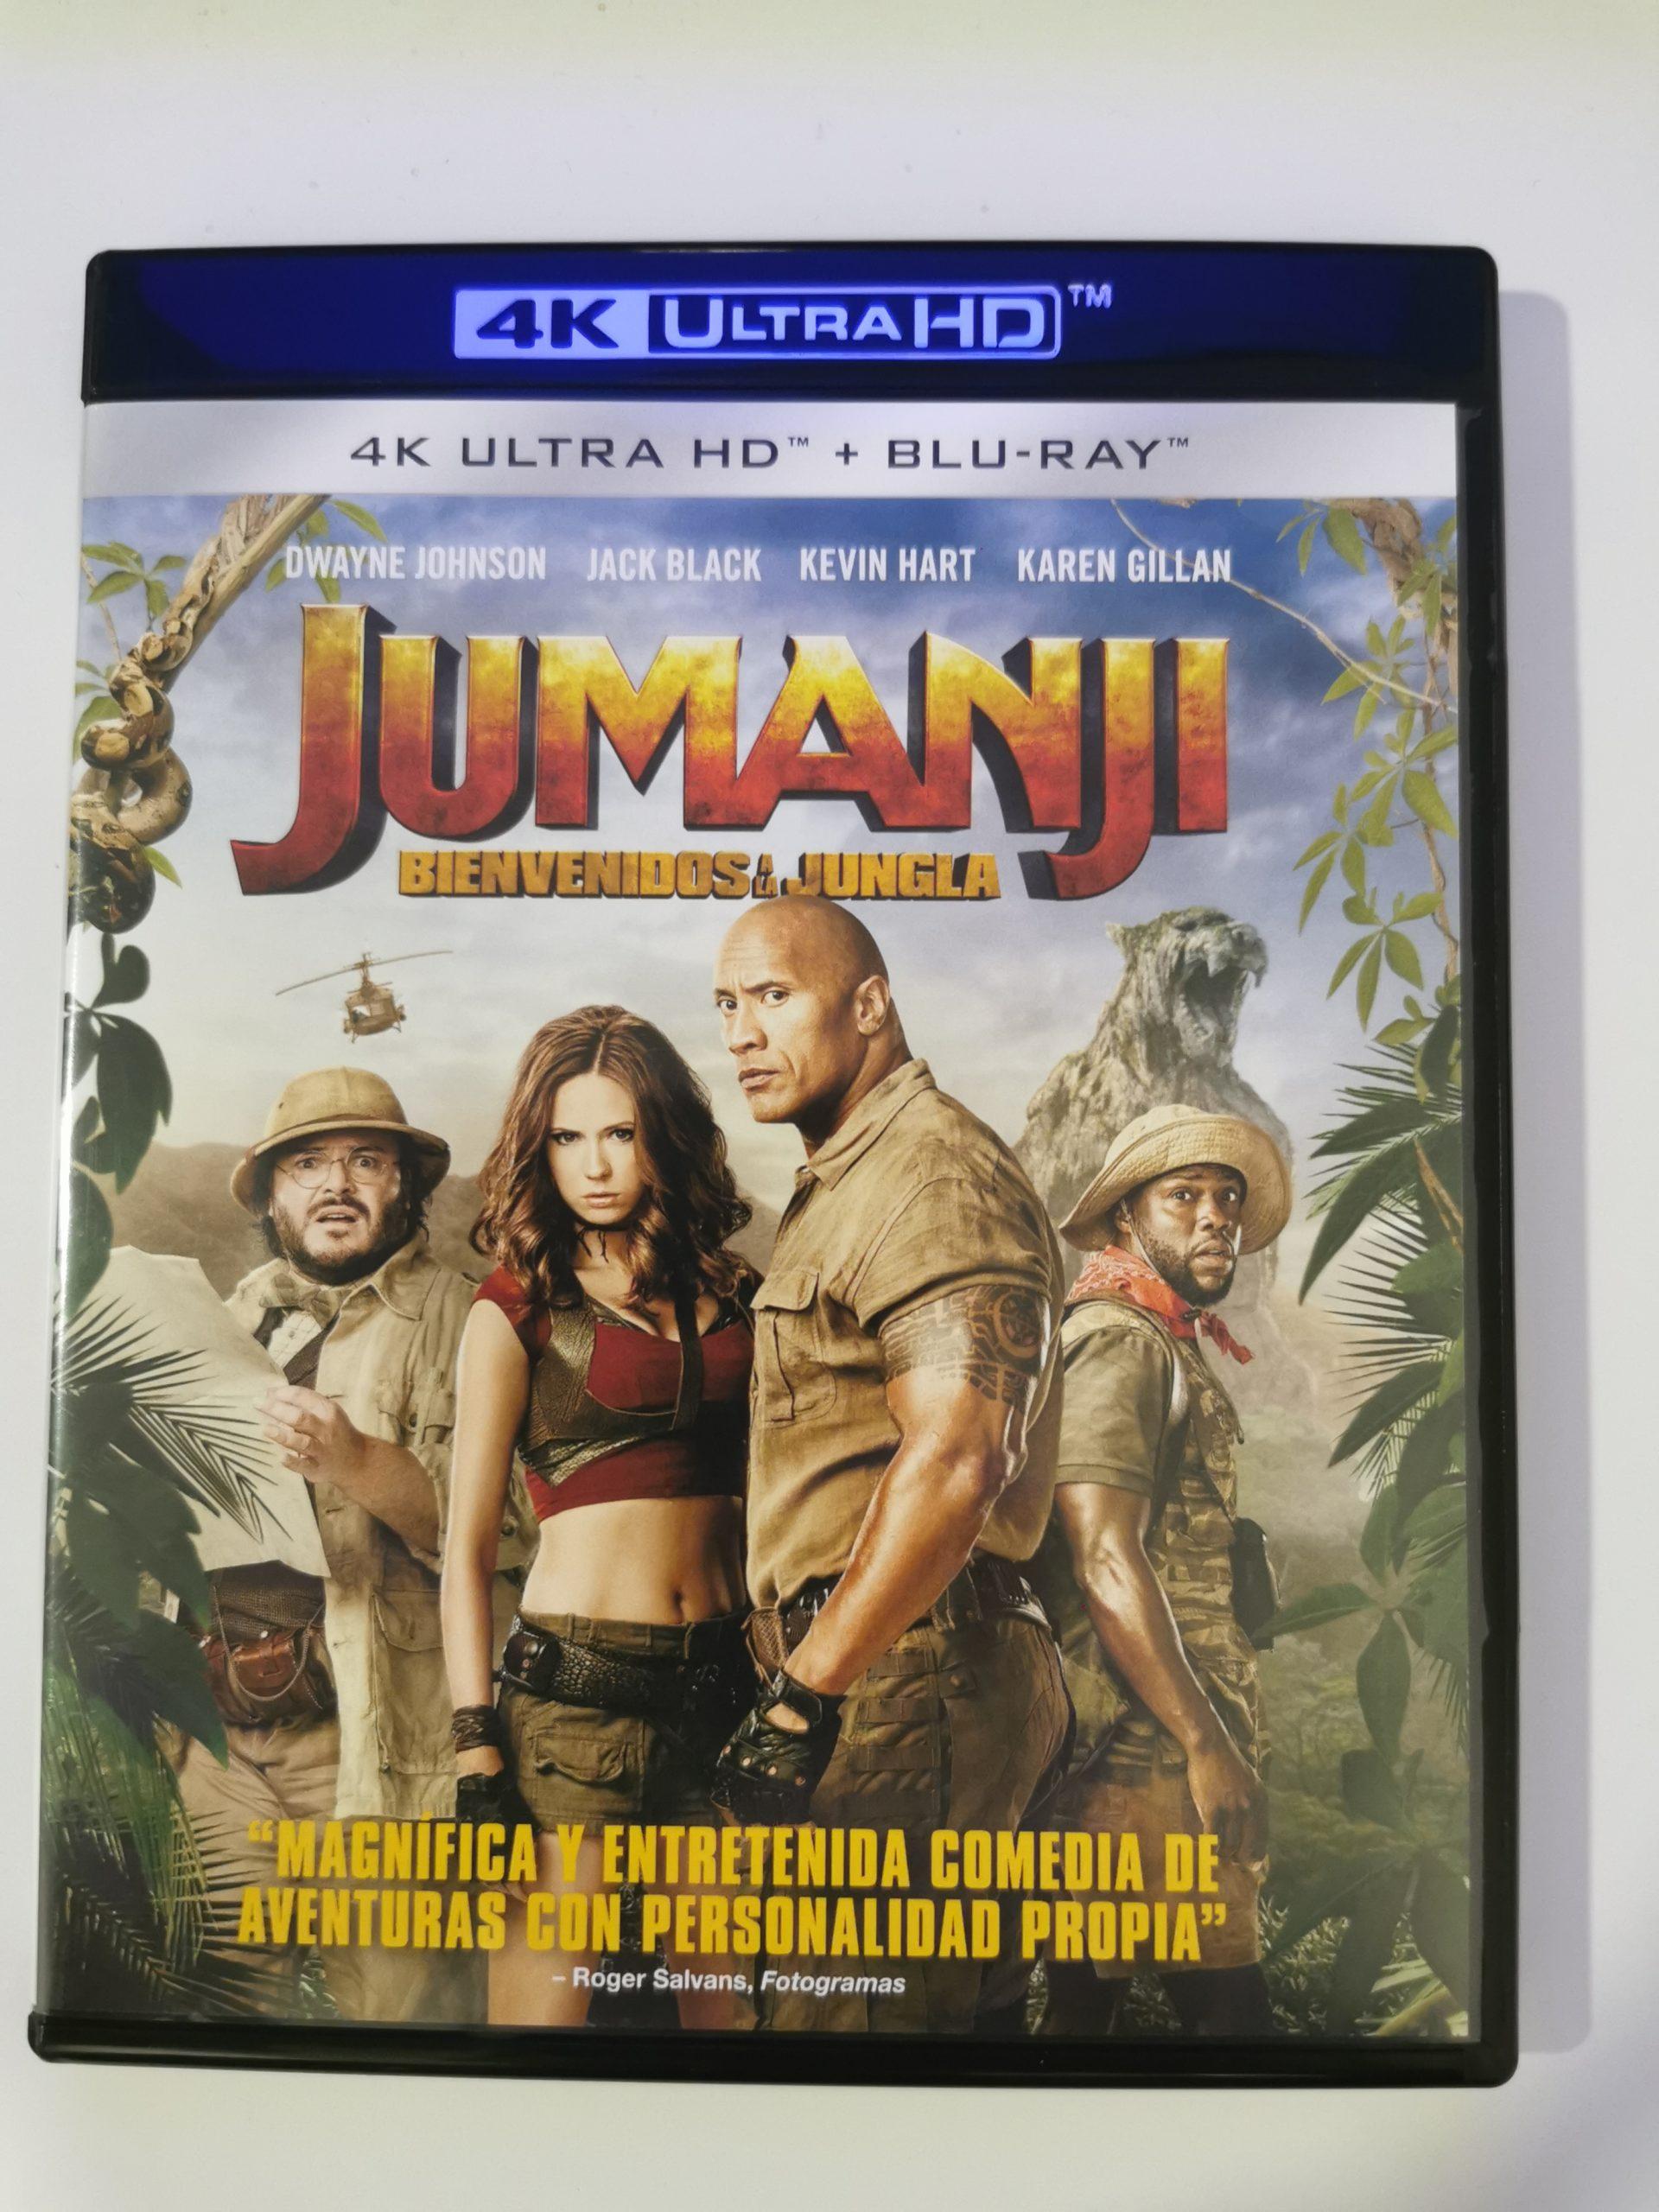 Jumanji colección de 3 películas 12